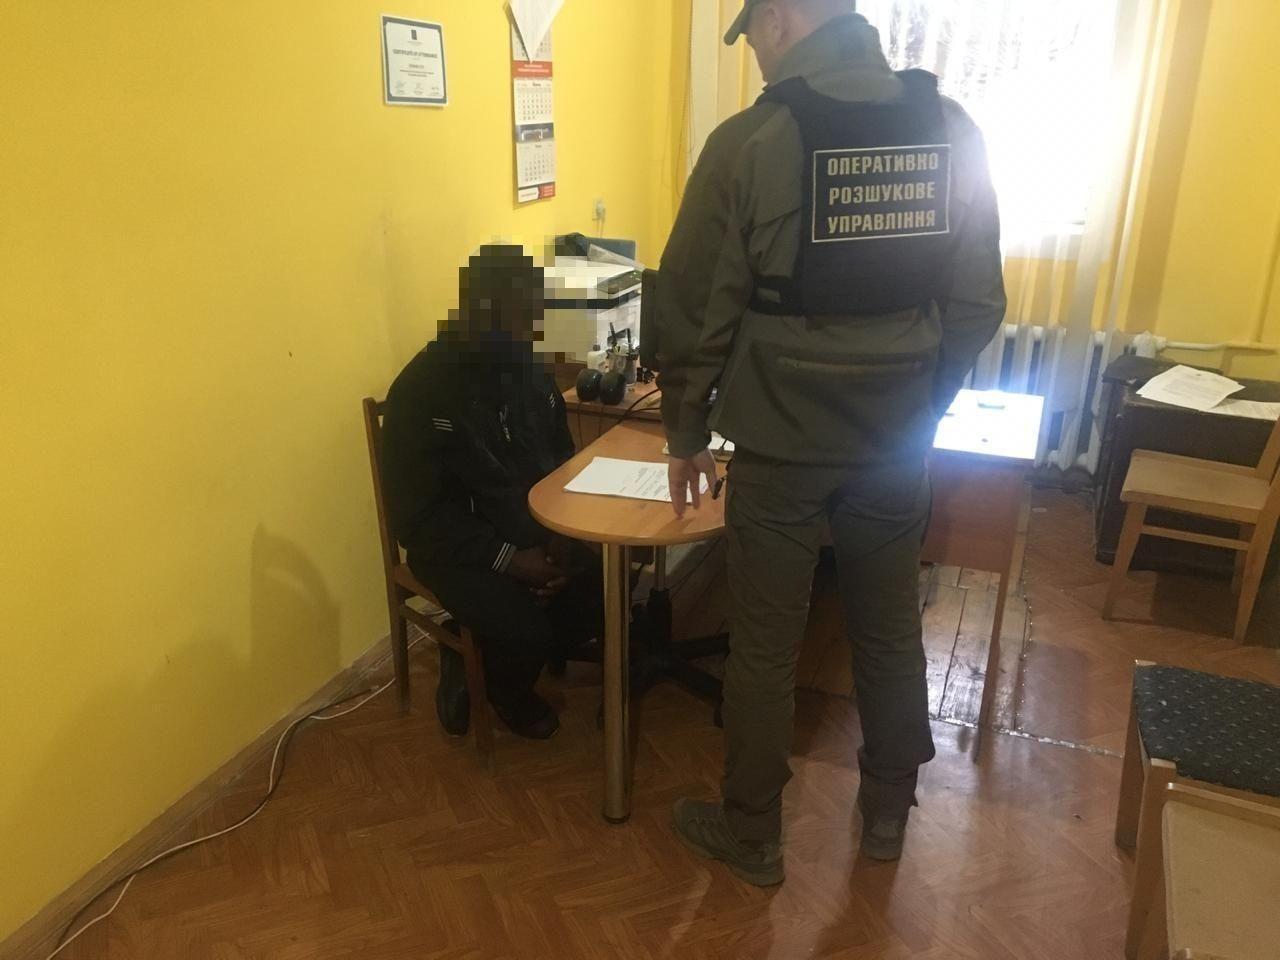 Оперативники мукачевского пограничного отряда постоянно проводят мероприятия по выявлению попыток организации незаконного пересечения границы нелегальными мигрантами и их пособниками.